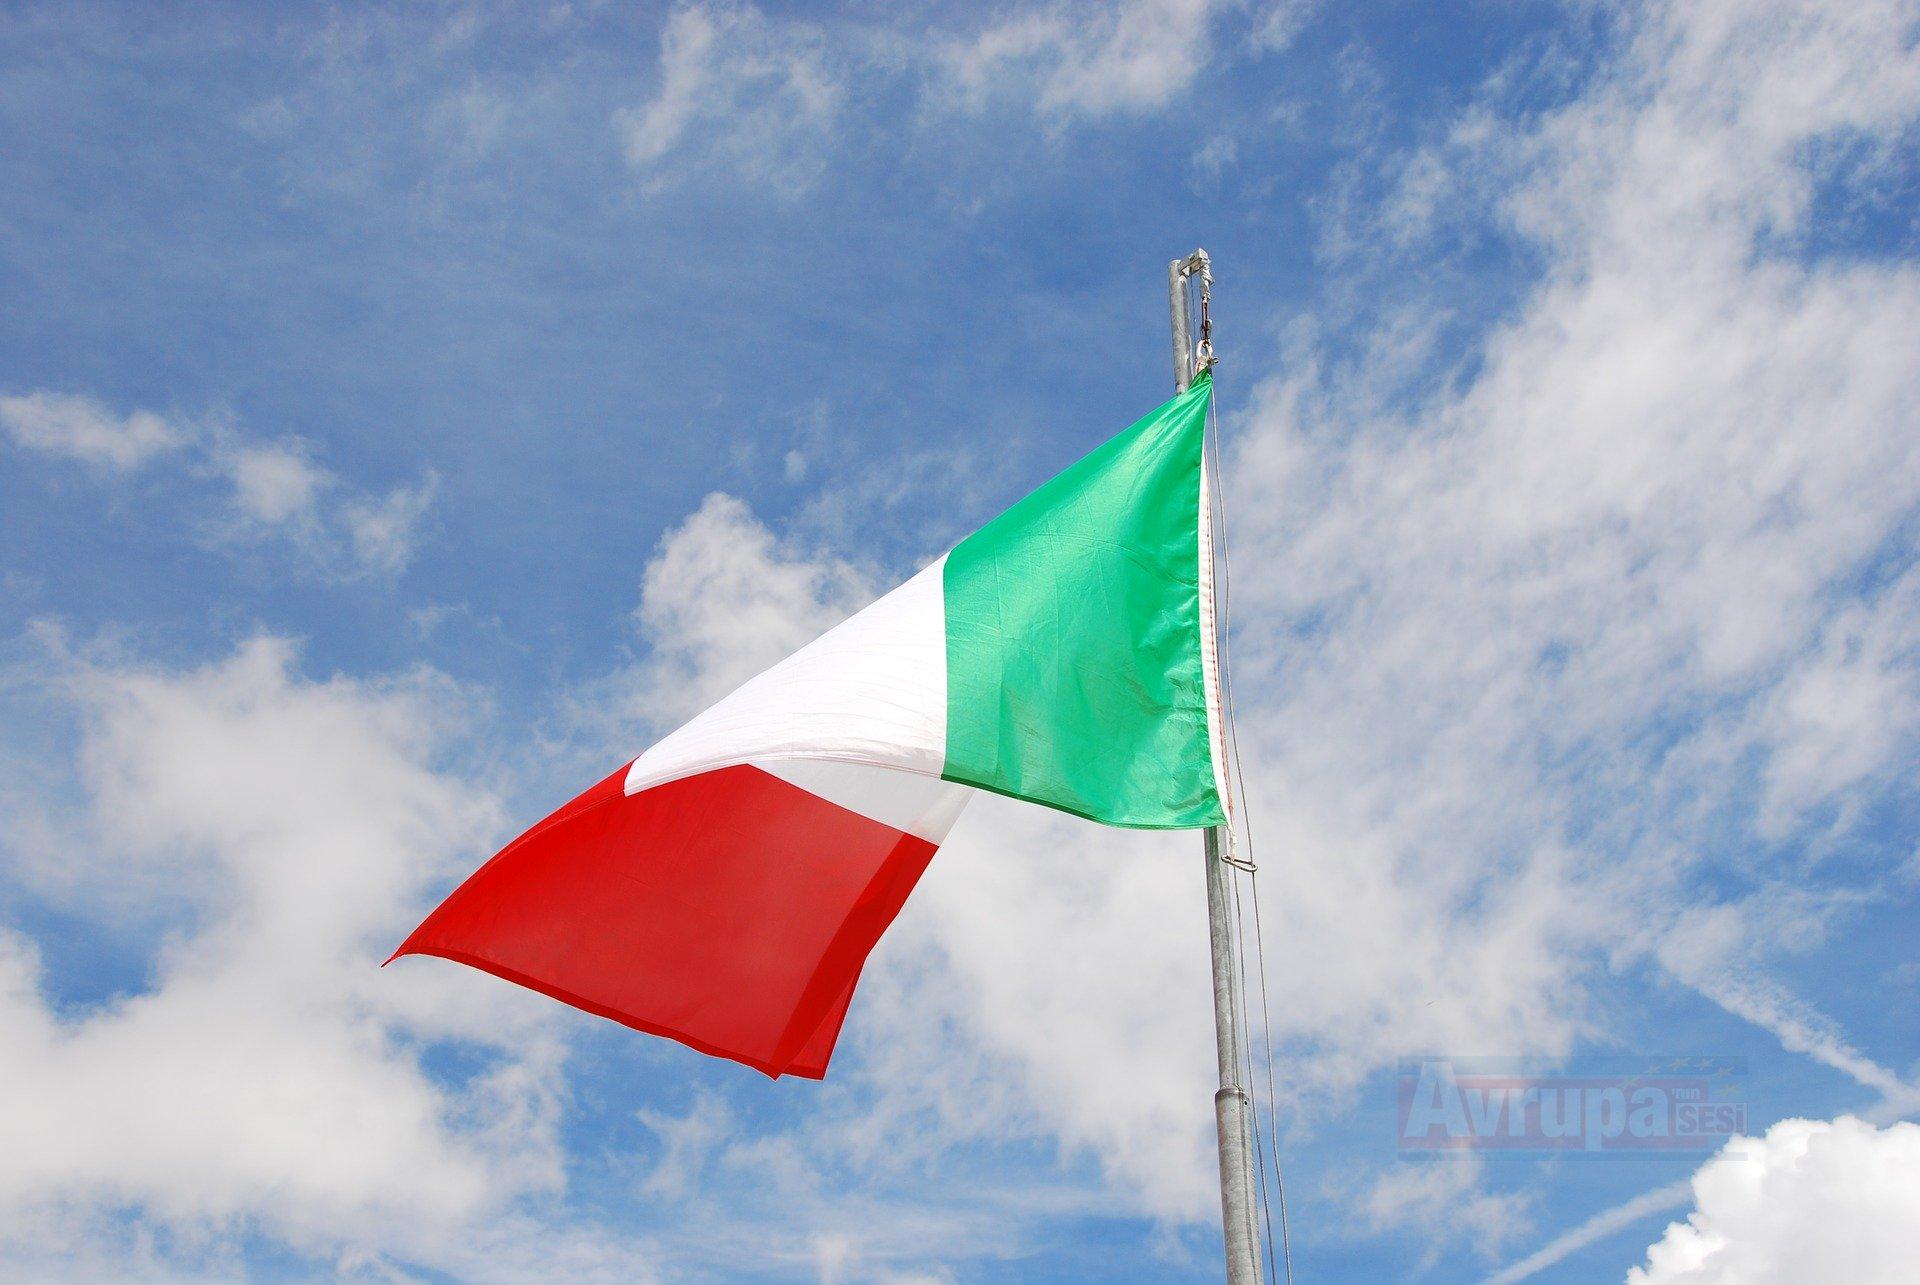 İtalya'da meşru müdafaa hakkı genişletiliyor